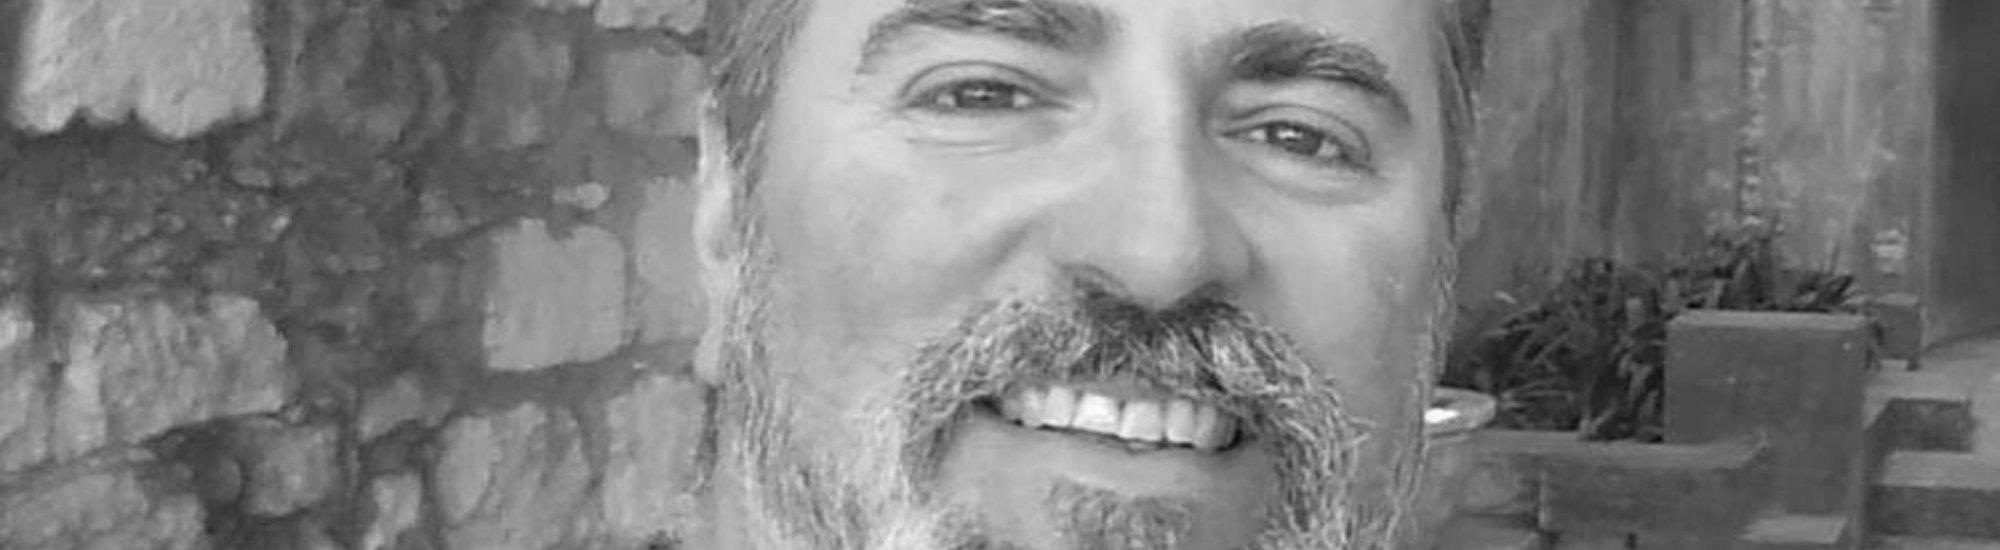 Roteirista Alex Moletta propõe reflexão sobre aprendizado audiovisual acadêmico em encontro gratuito